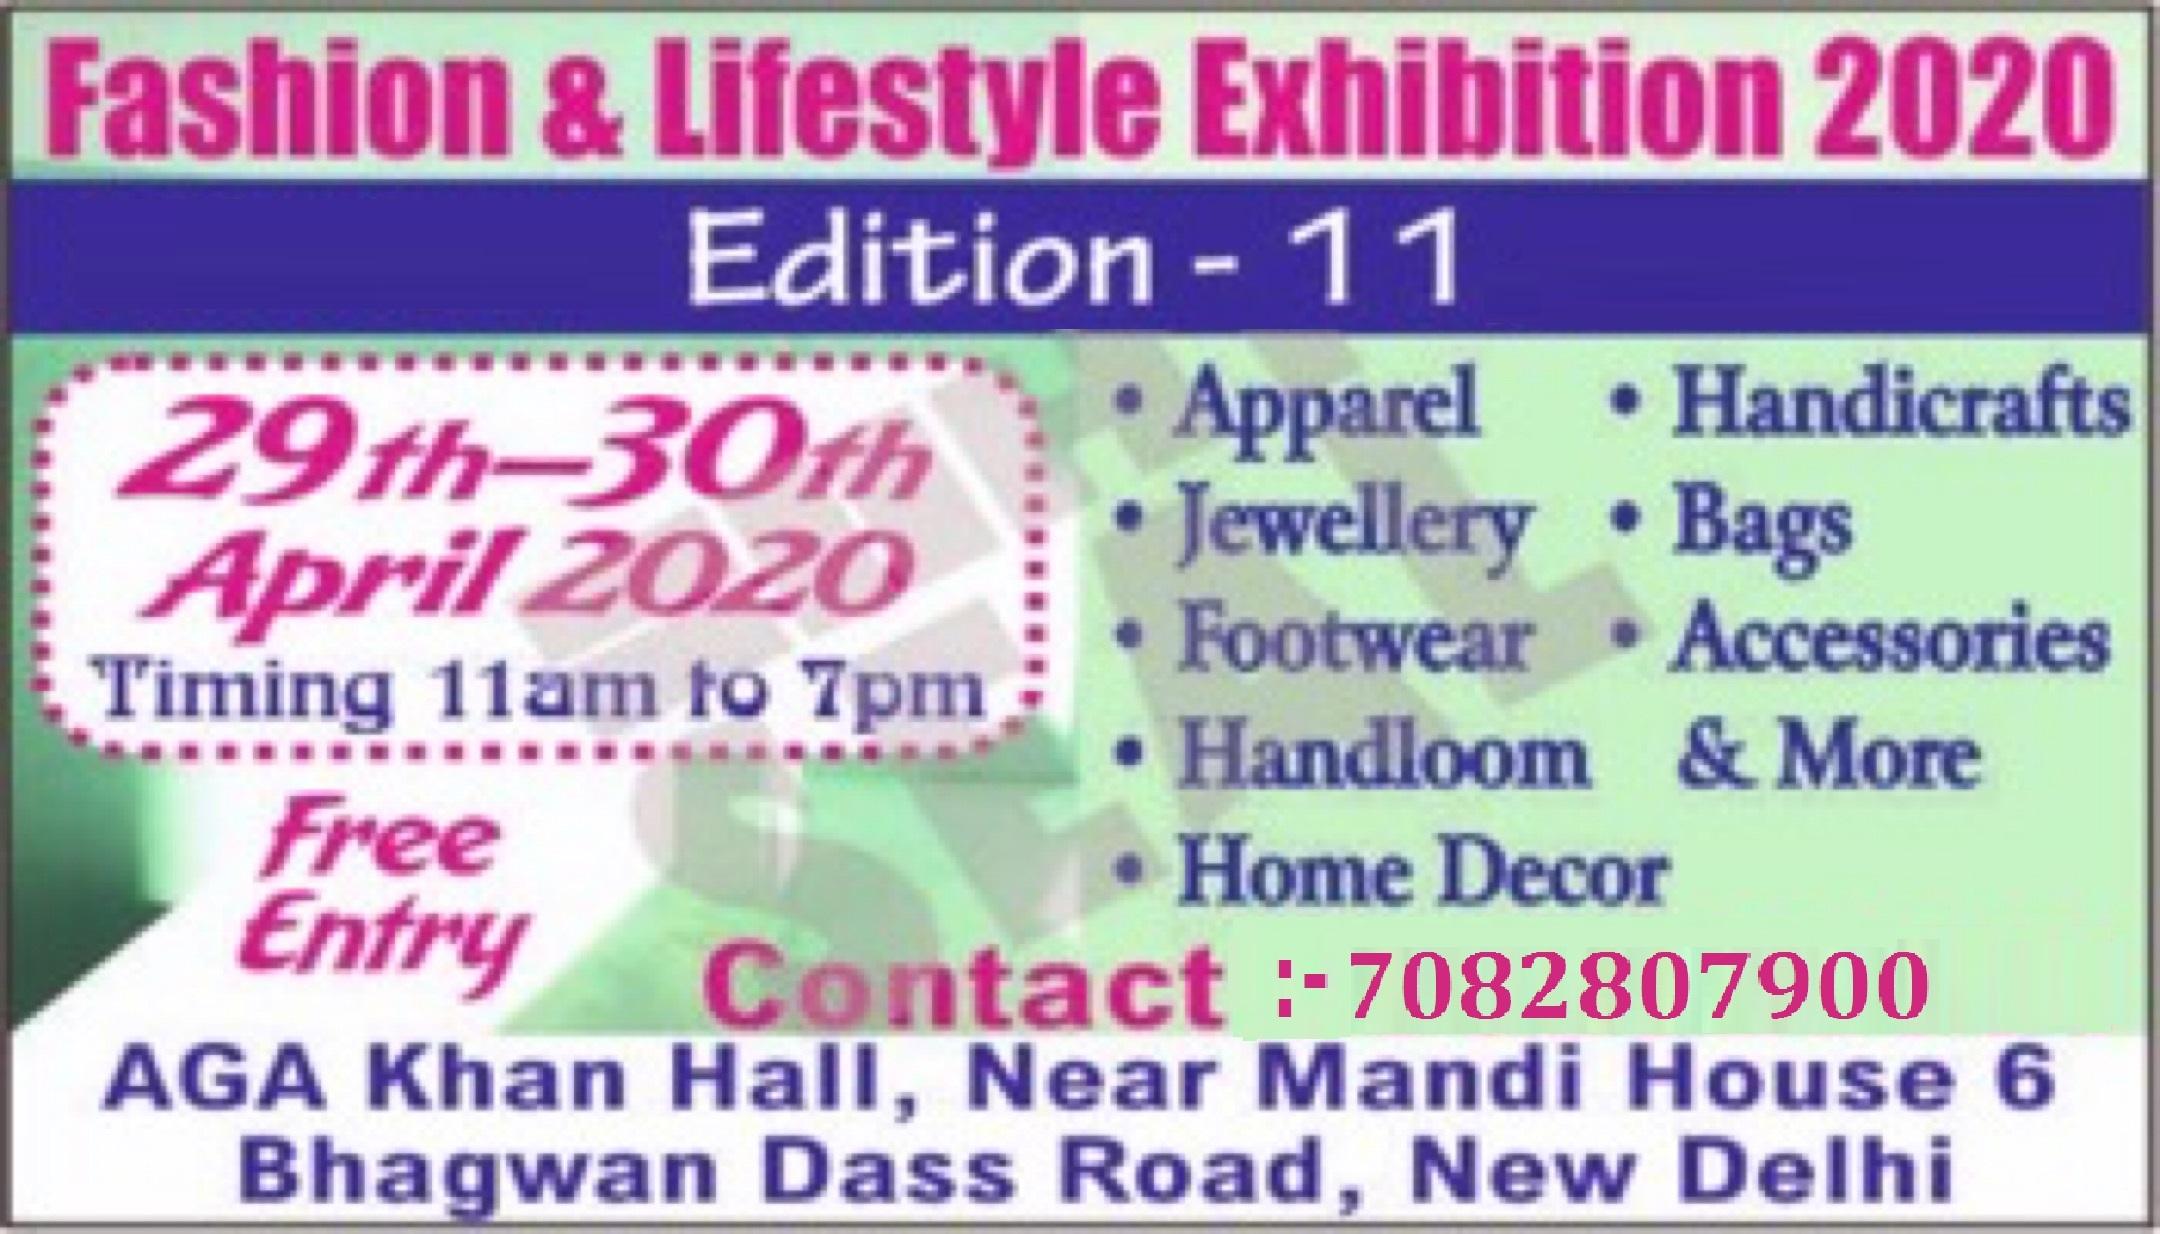 Fashion & Lifestyle Exhibition 2020